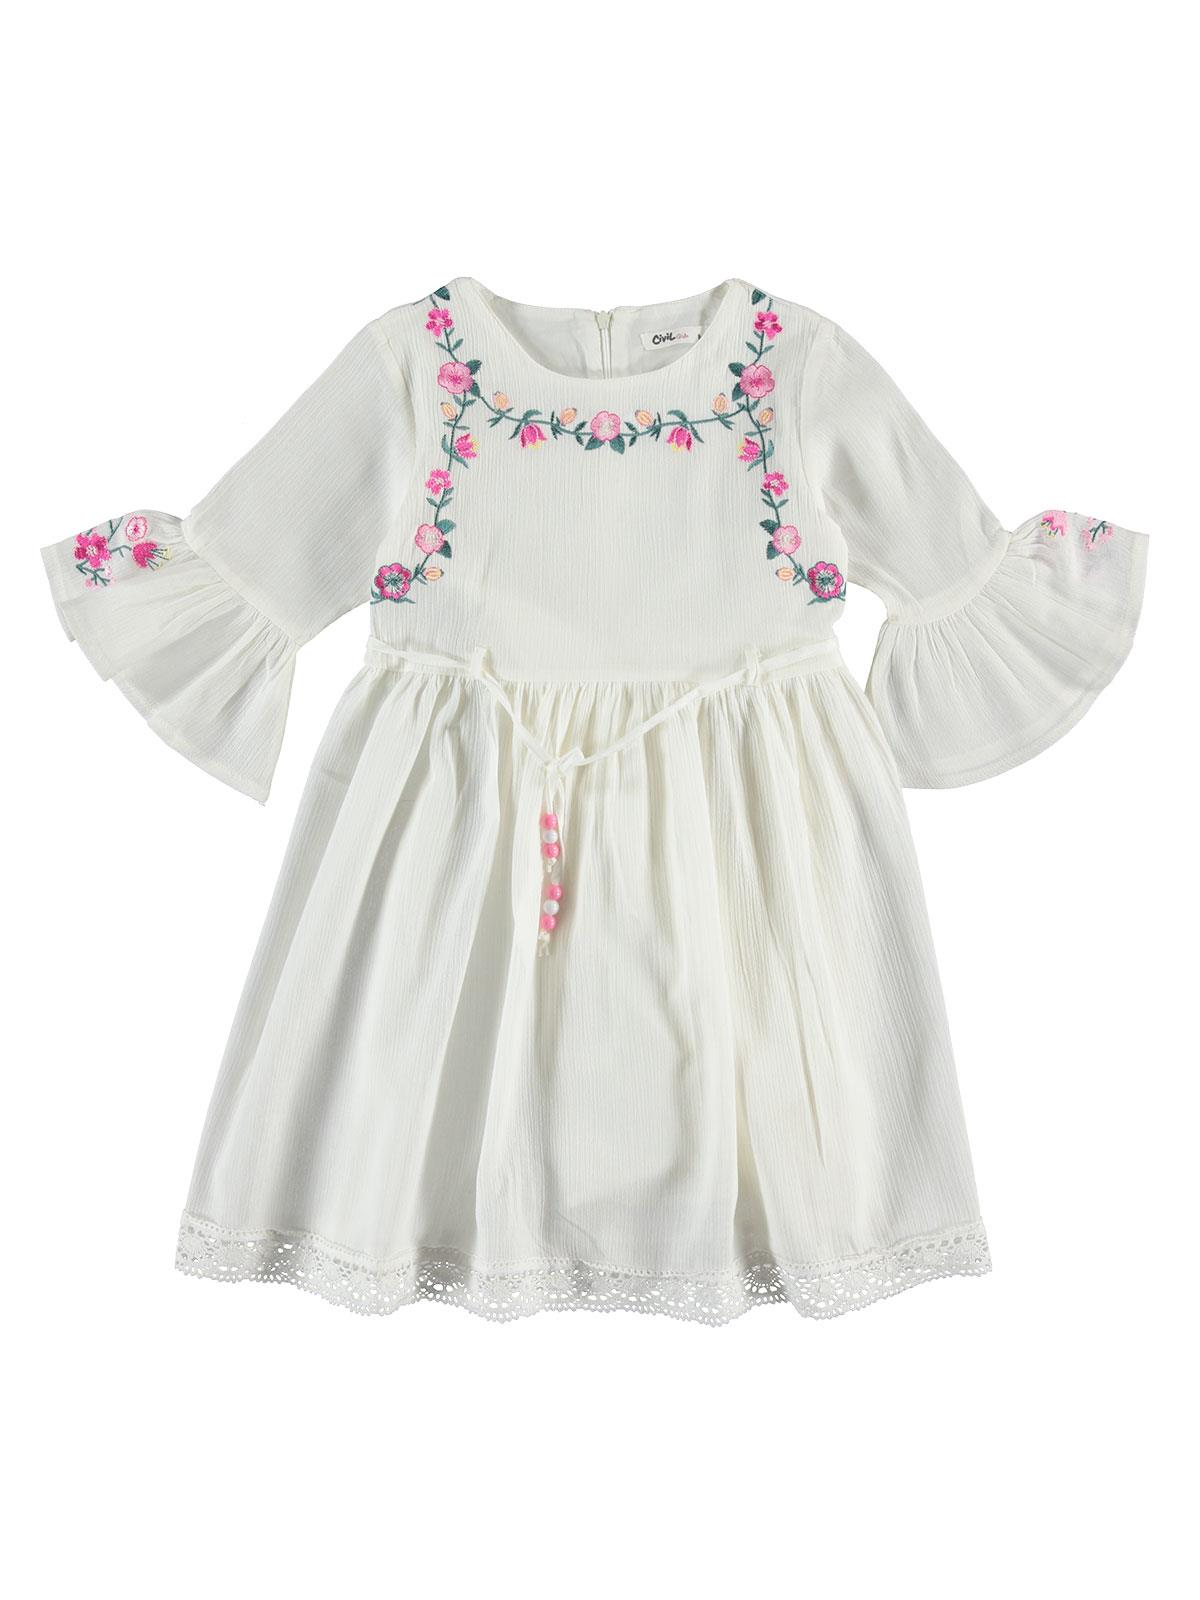 16ebbea8b3164 2876 / EKR Civil Girls Kız Çocuk Elbise 6-9 Yaş Ekru